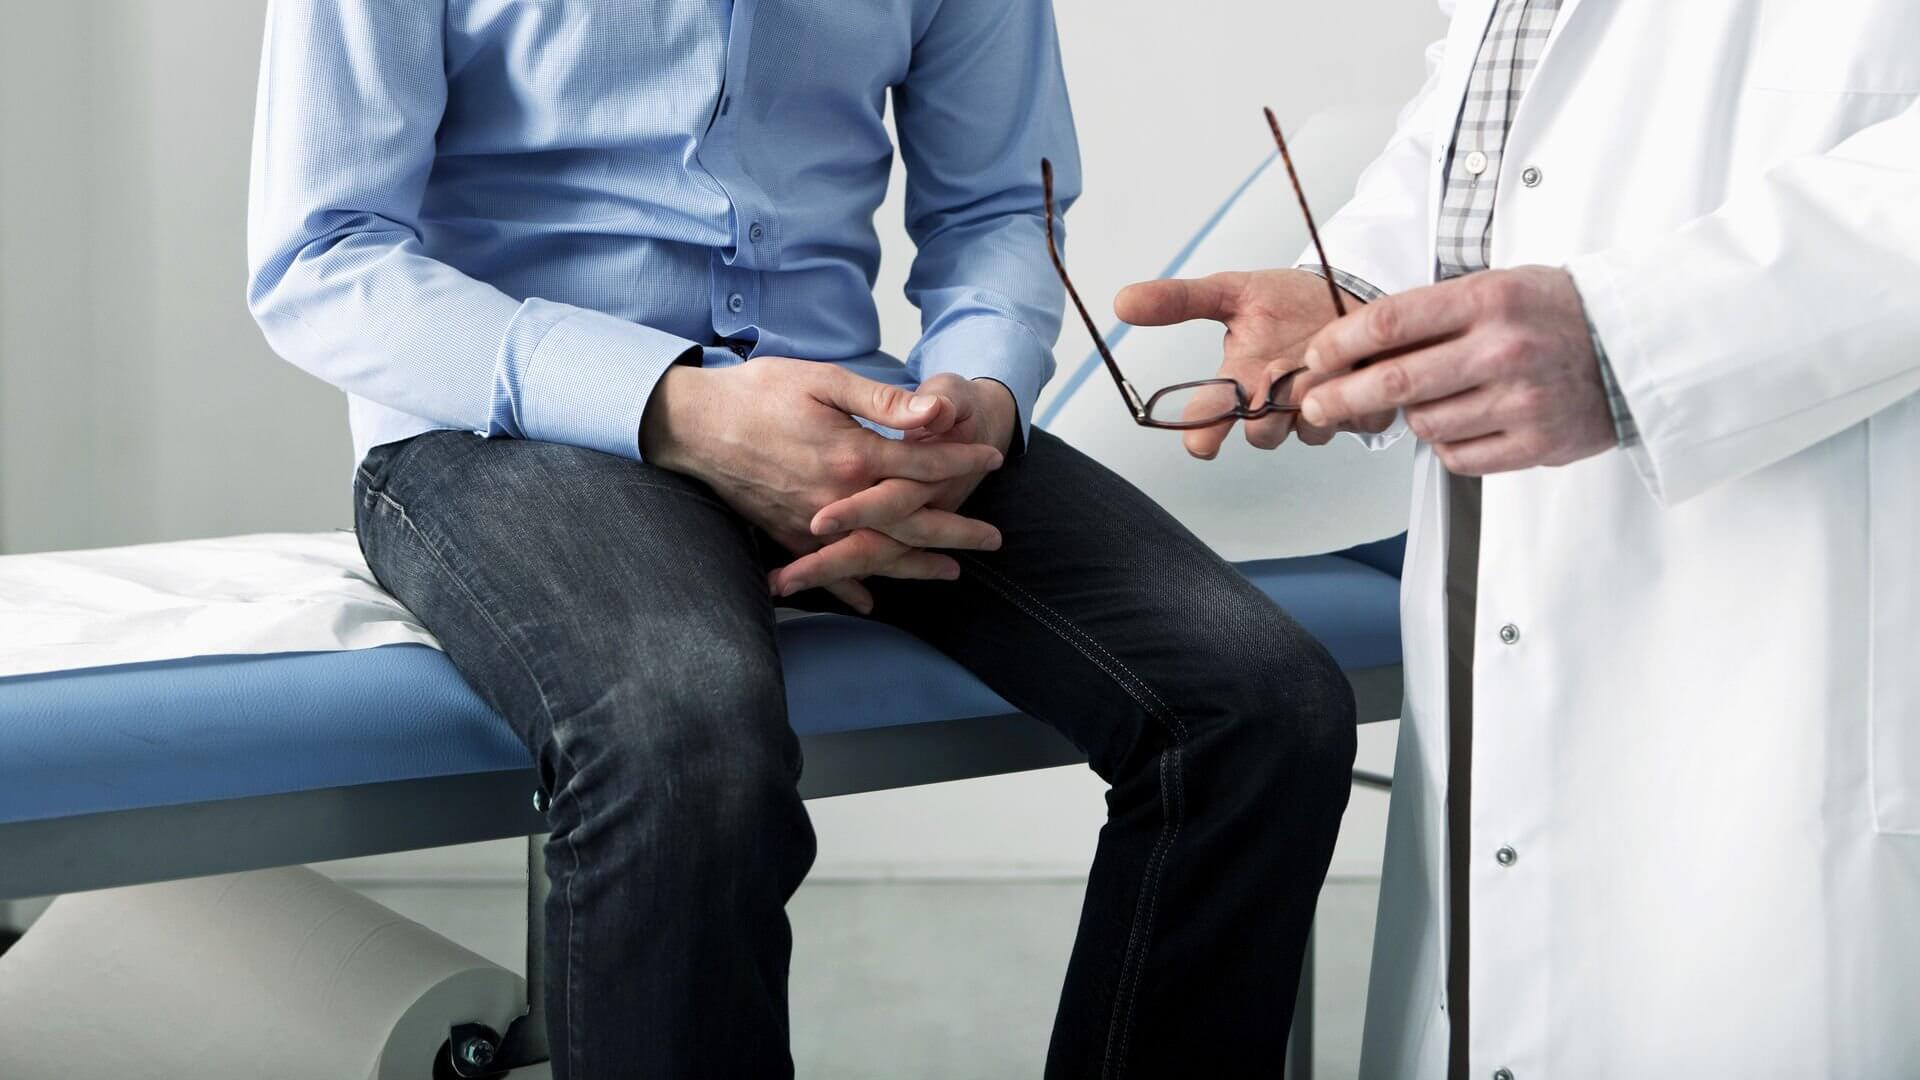 es una prueba realizada para la detección del cáncer de próstata